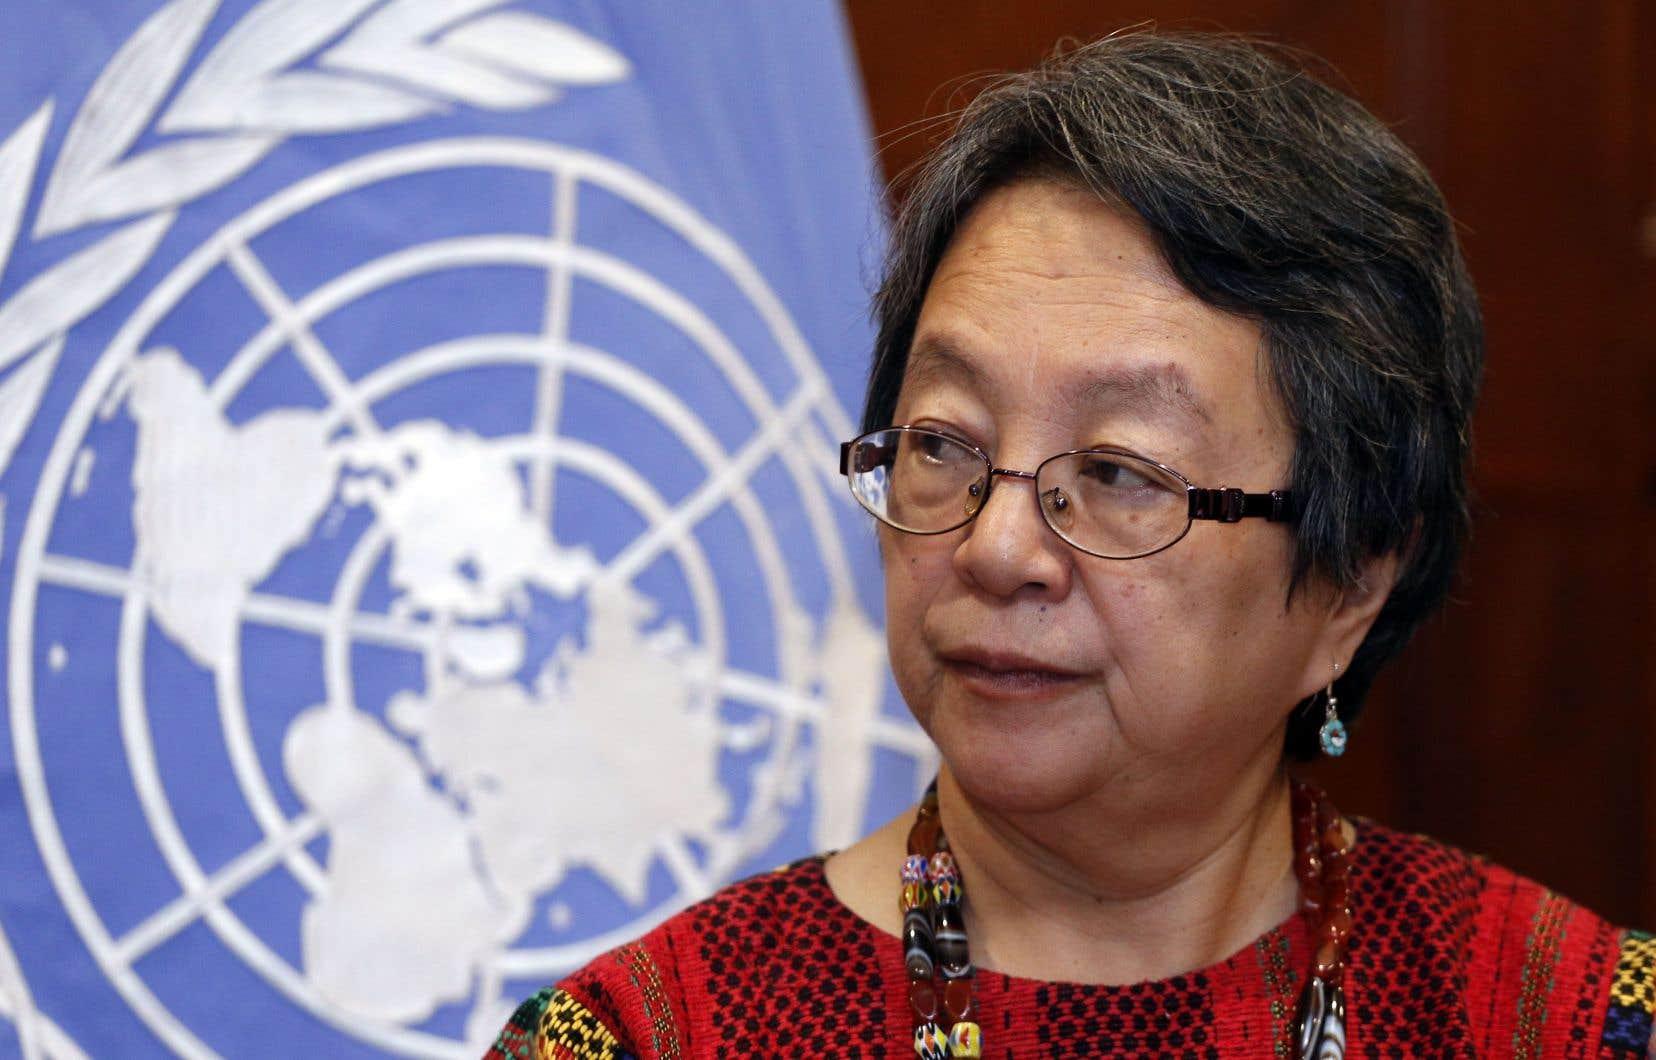 La rapporteuse spéciale des Nations unies sur les droits des peuples autochtones, Victoria Tauli-Corpuz